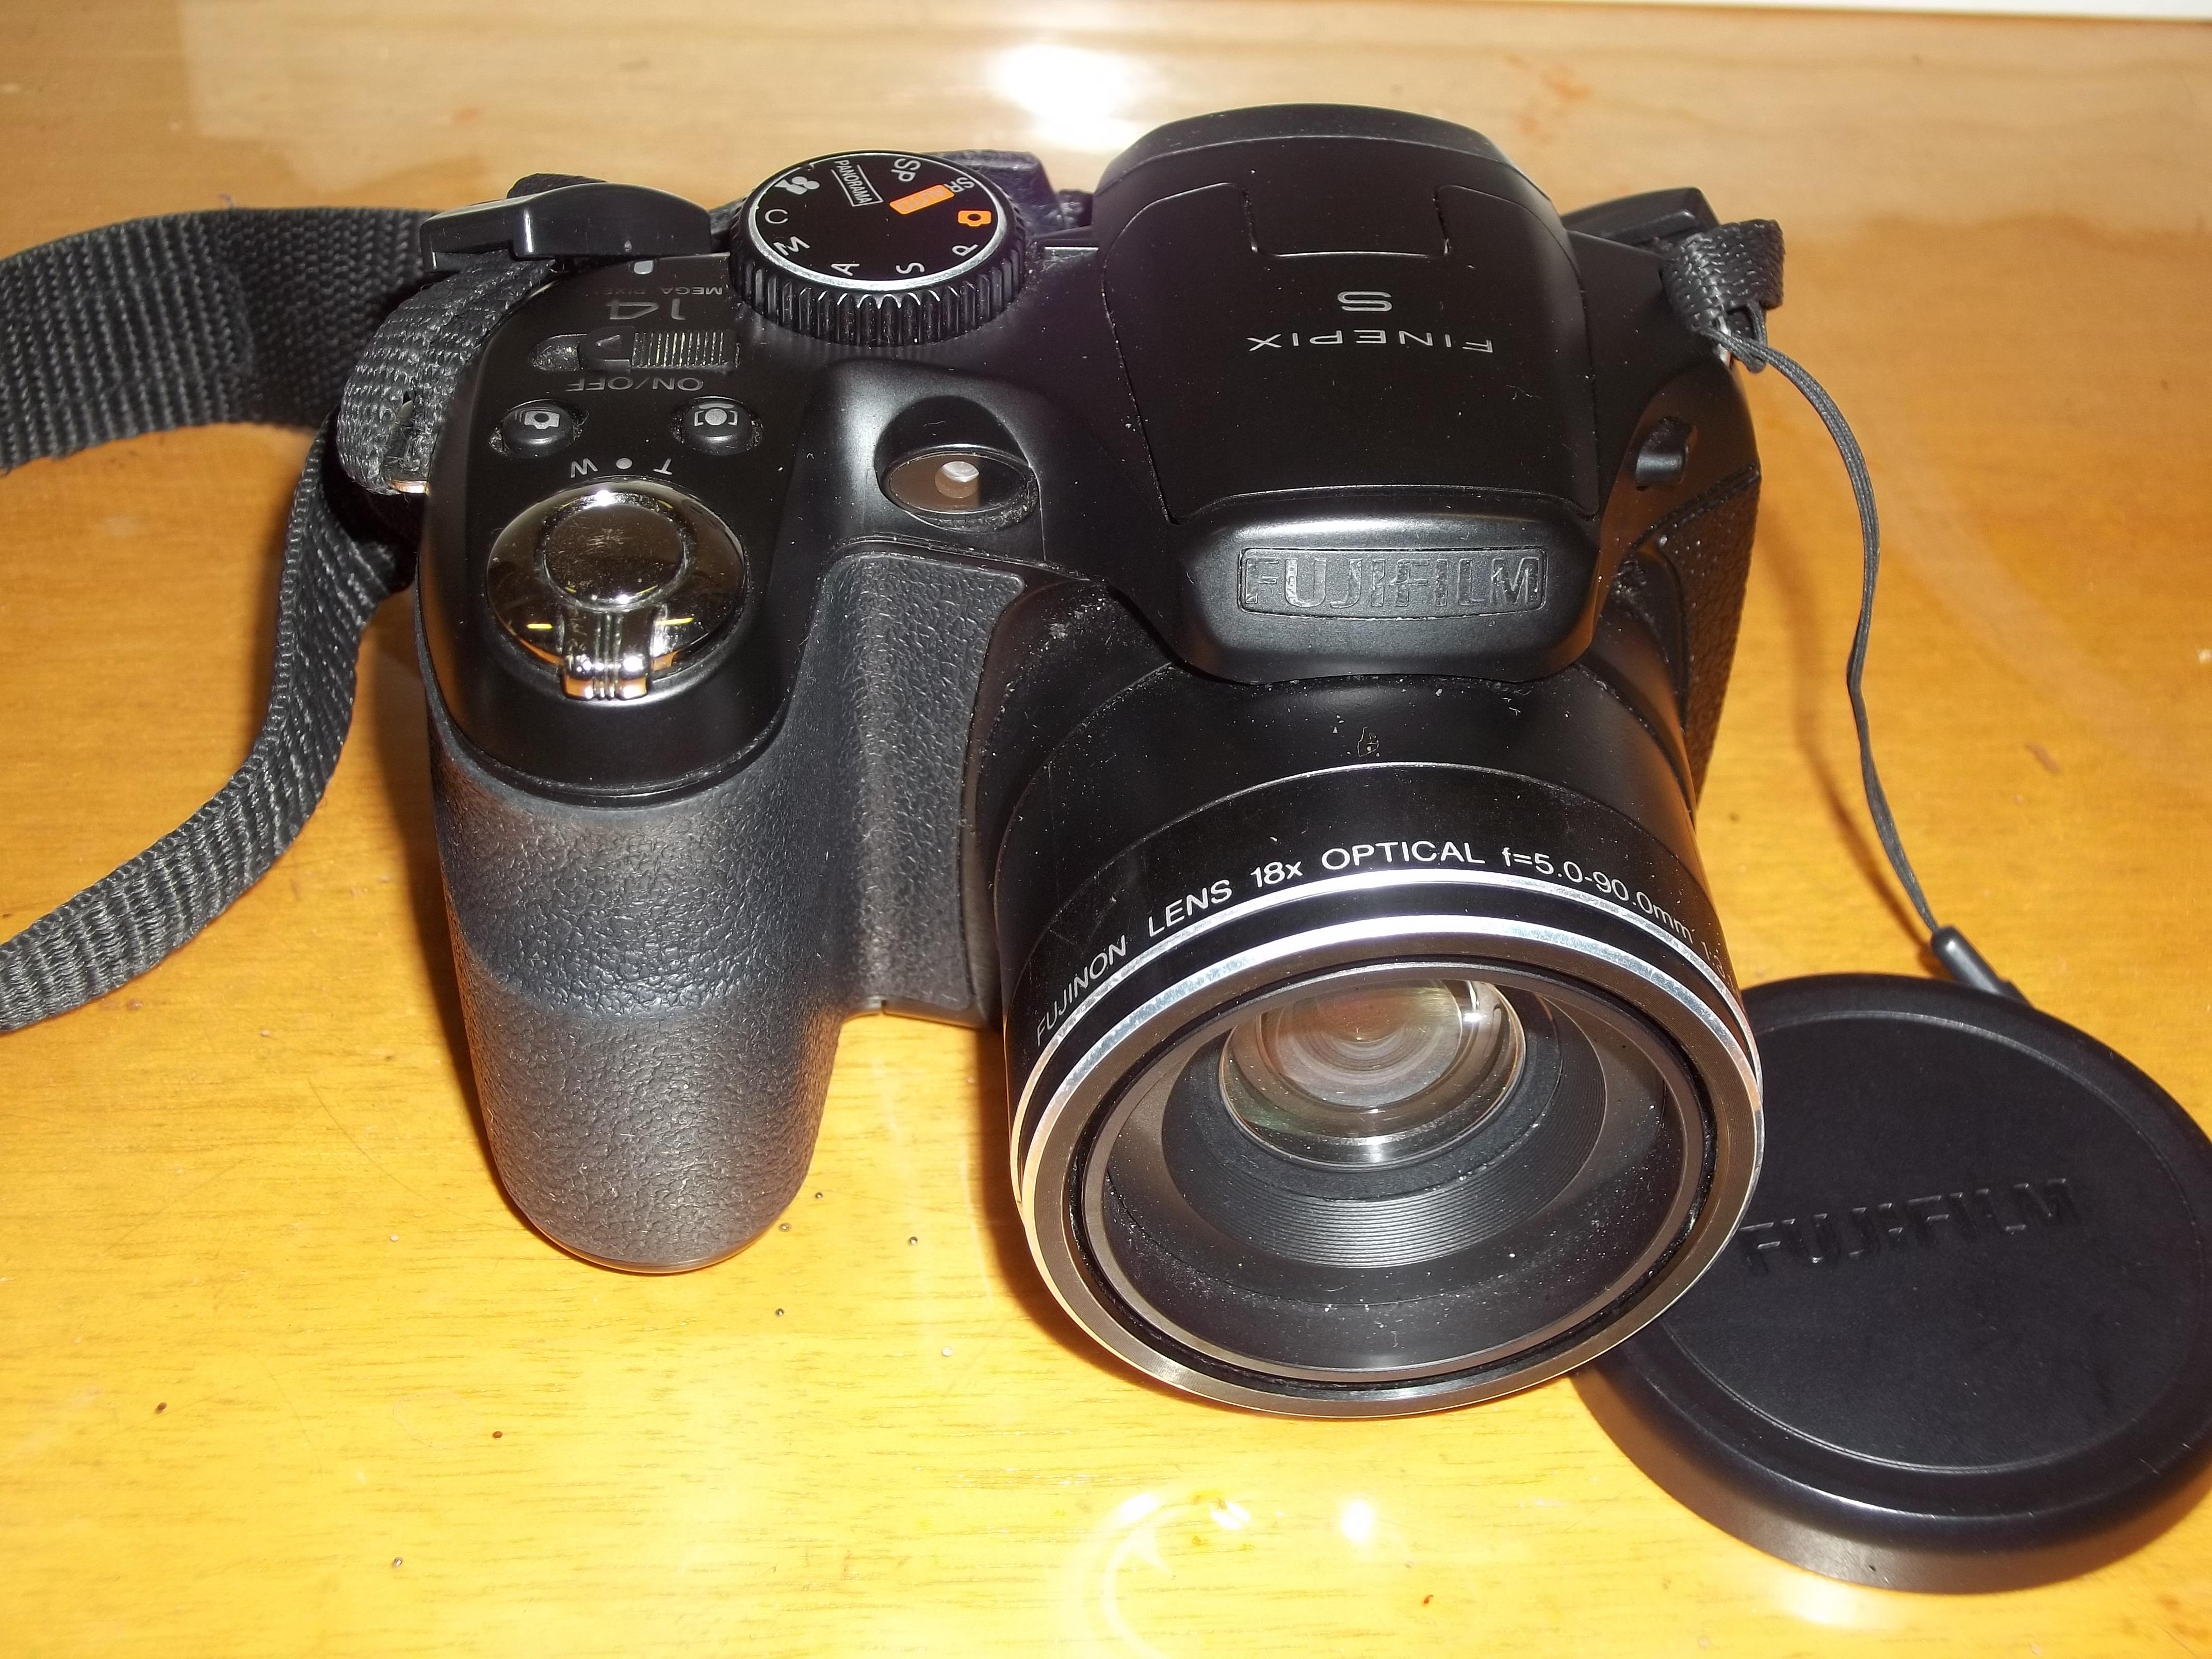 Minha Câmera Digital Fujifilm Finepix, Modelo S2980 (2012).